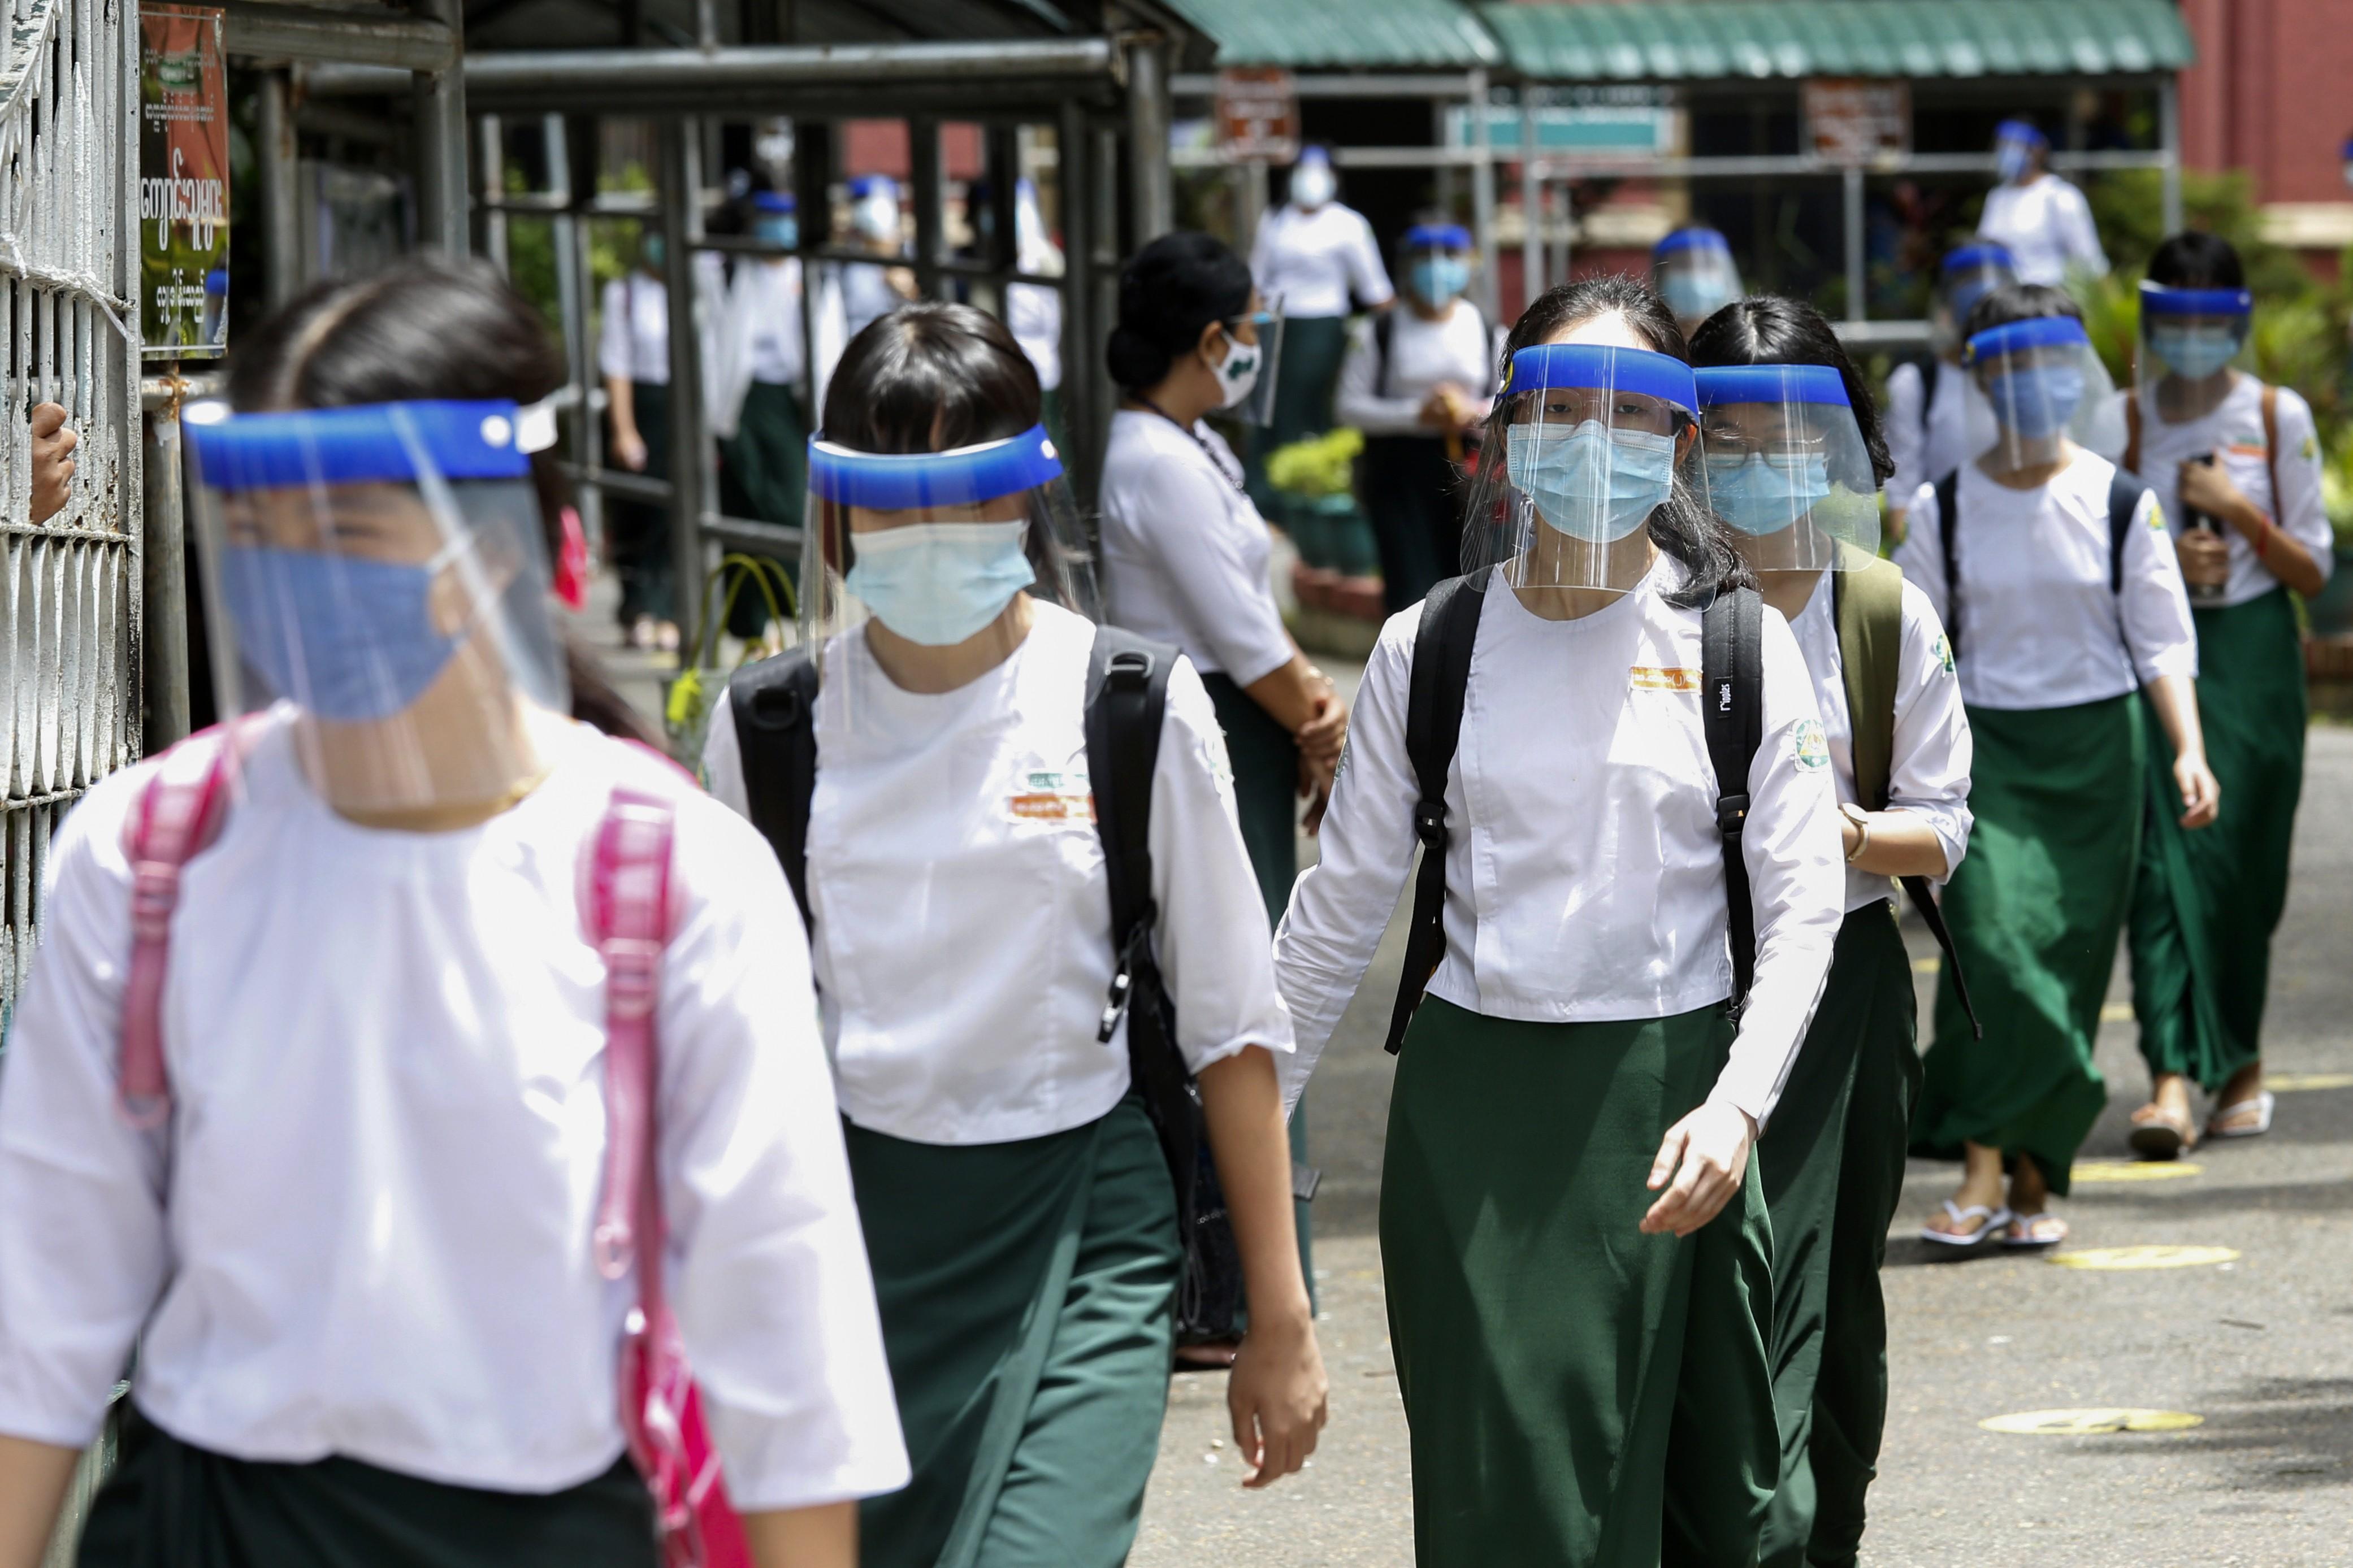 Pesquisa britânica sobre volta às aulas diz que testar 75% dos estudantes com sintomas evitaria 2ª onda de contaminação